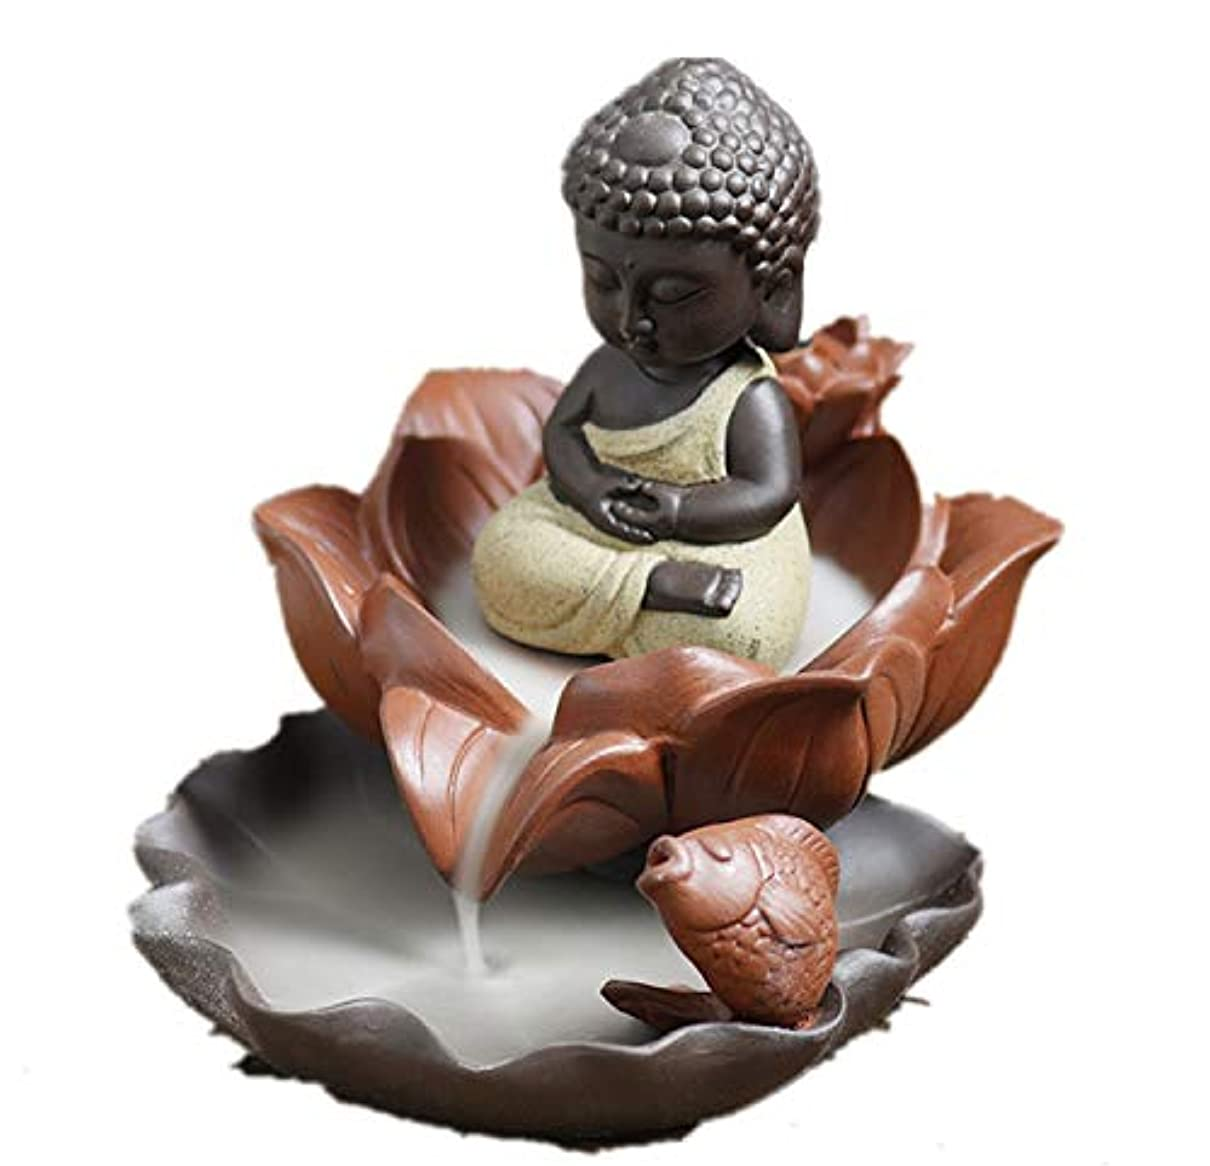 カウントアップ発疹放射性XPPXPP Backflow Incense Burner, Household Ceramic Returning Cone-shaped Candlestick Burner